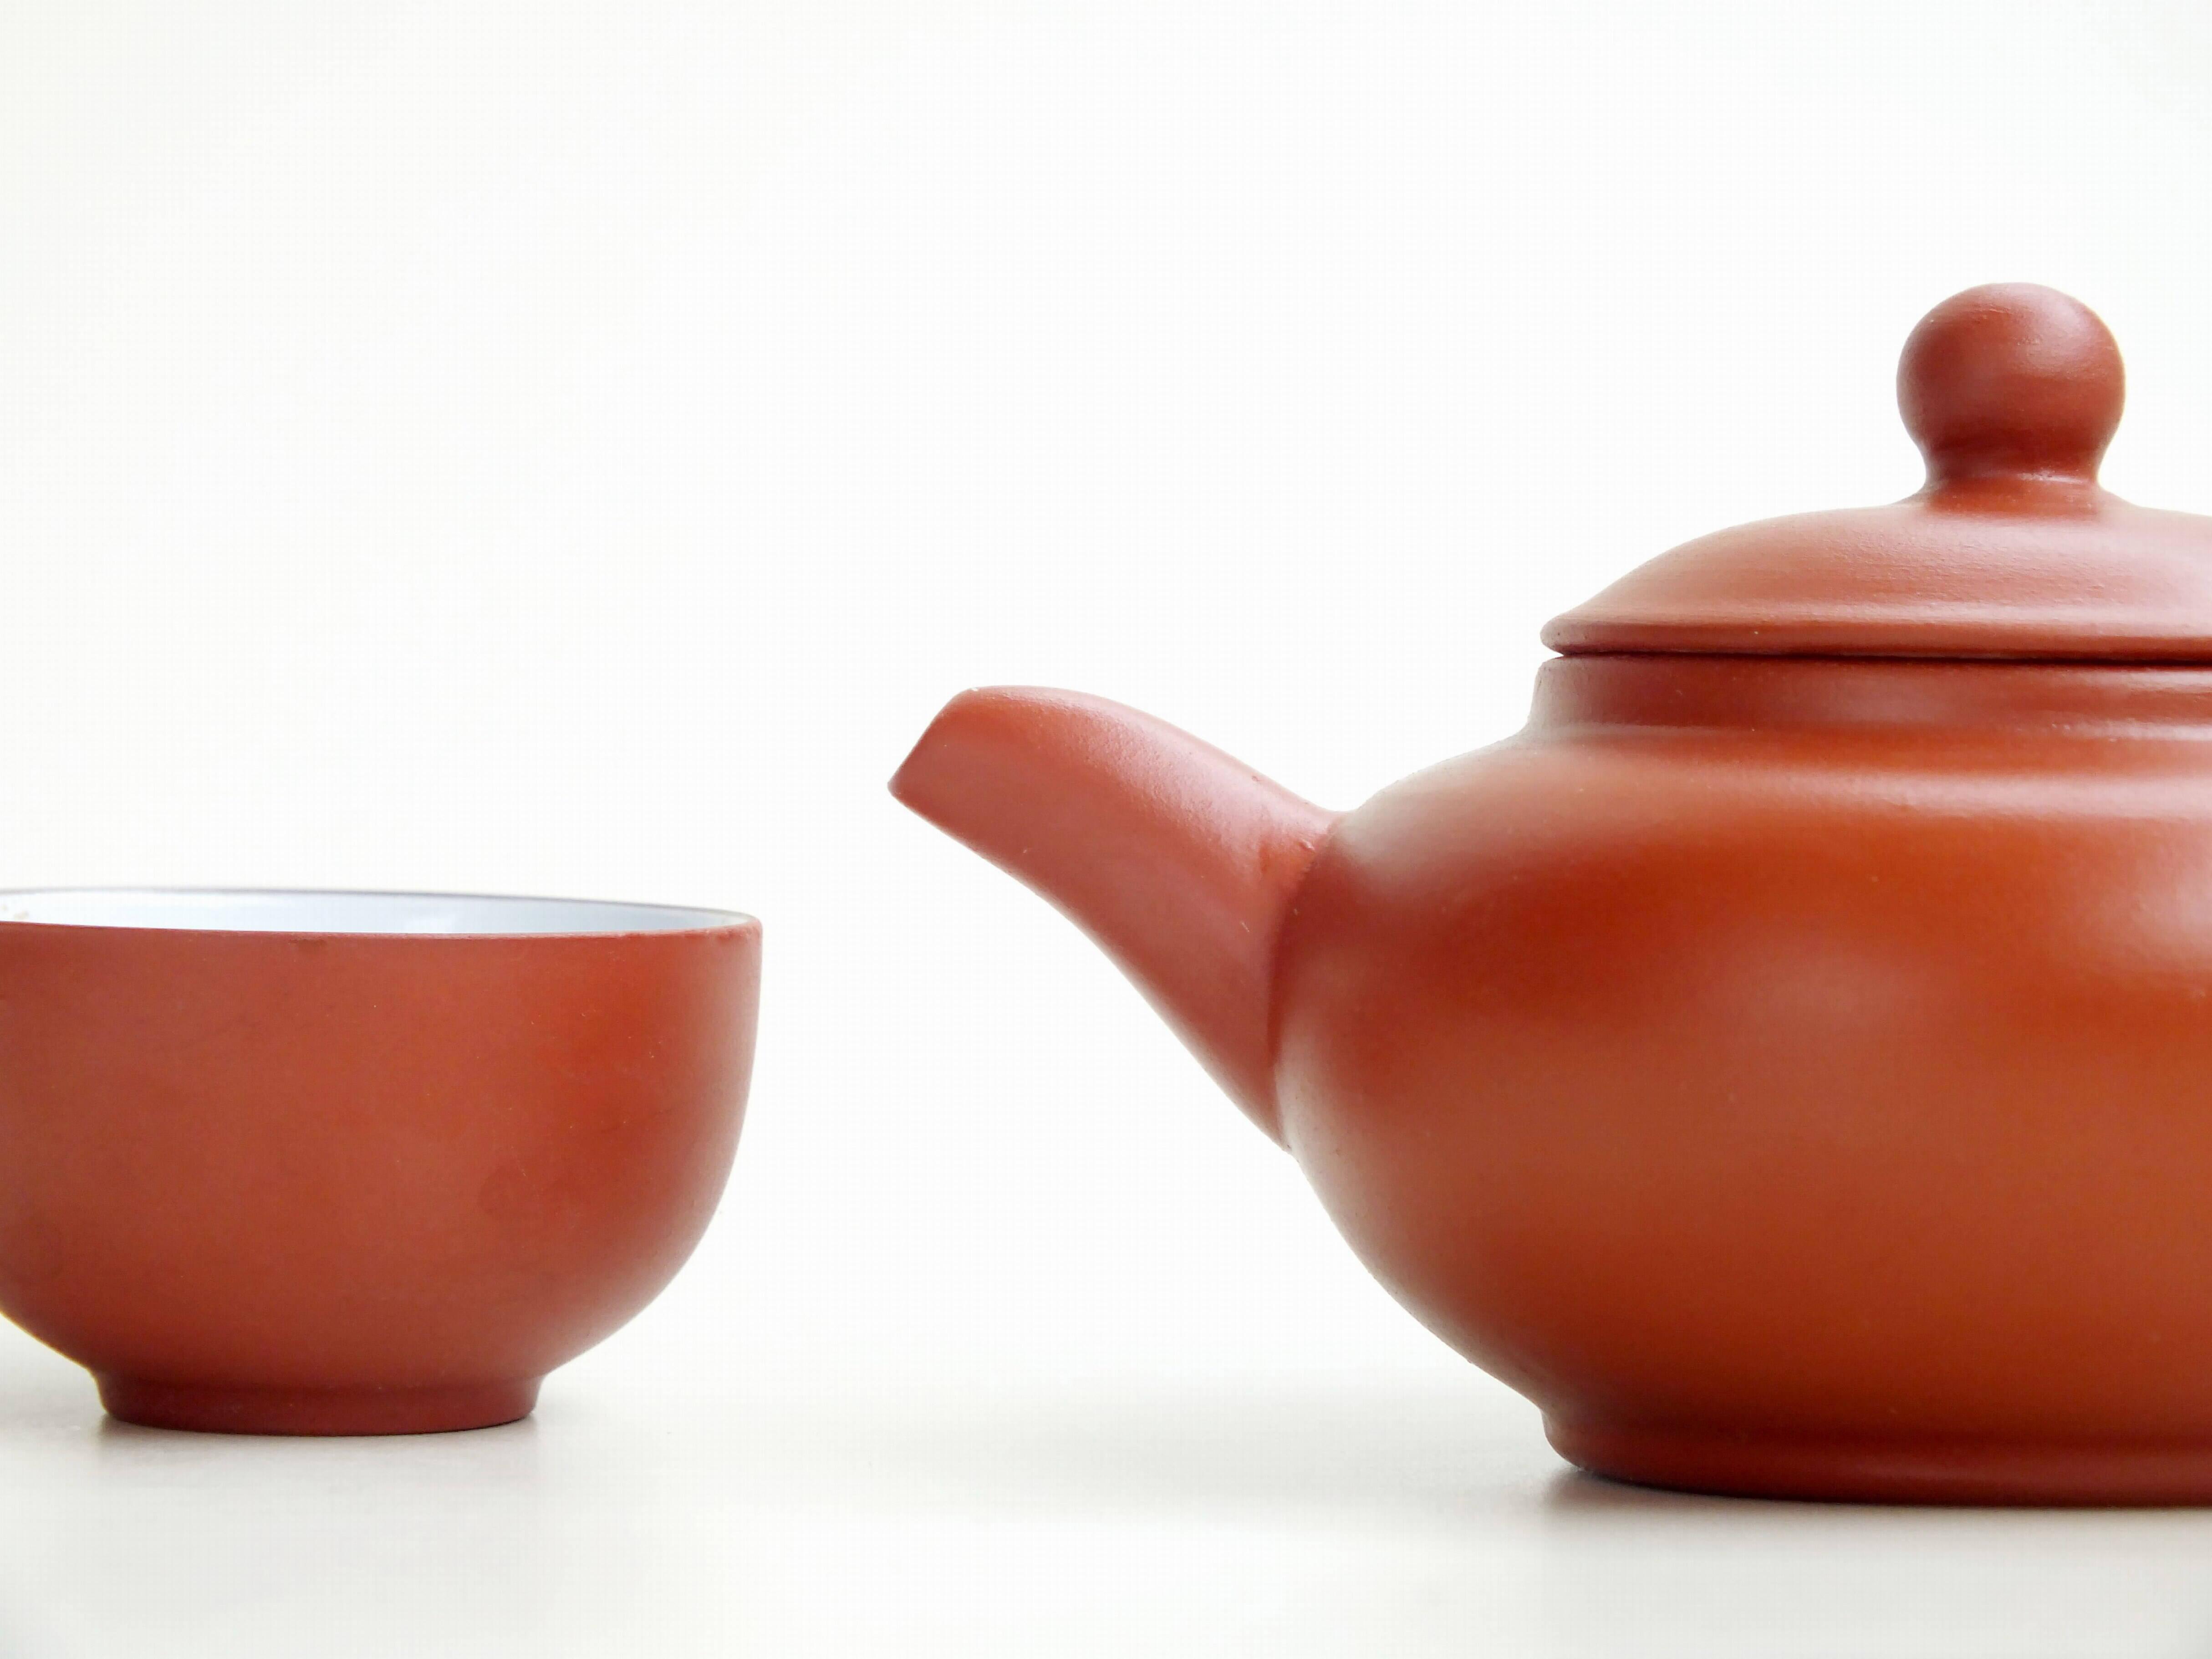 Keramik bohren: Das müssen Sie beachten